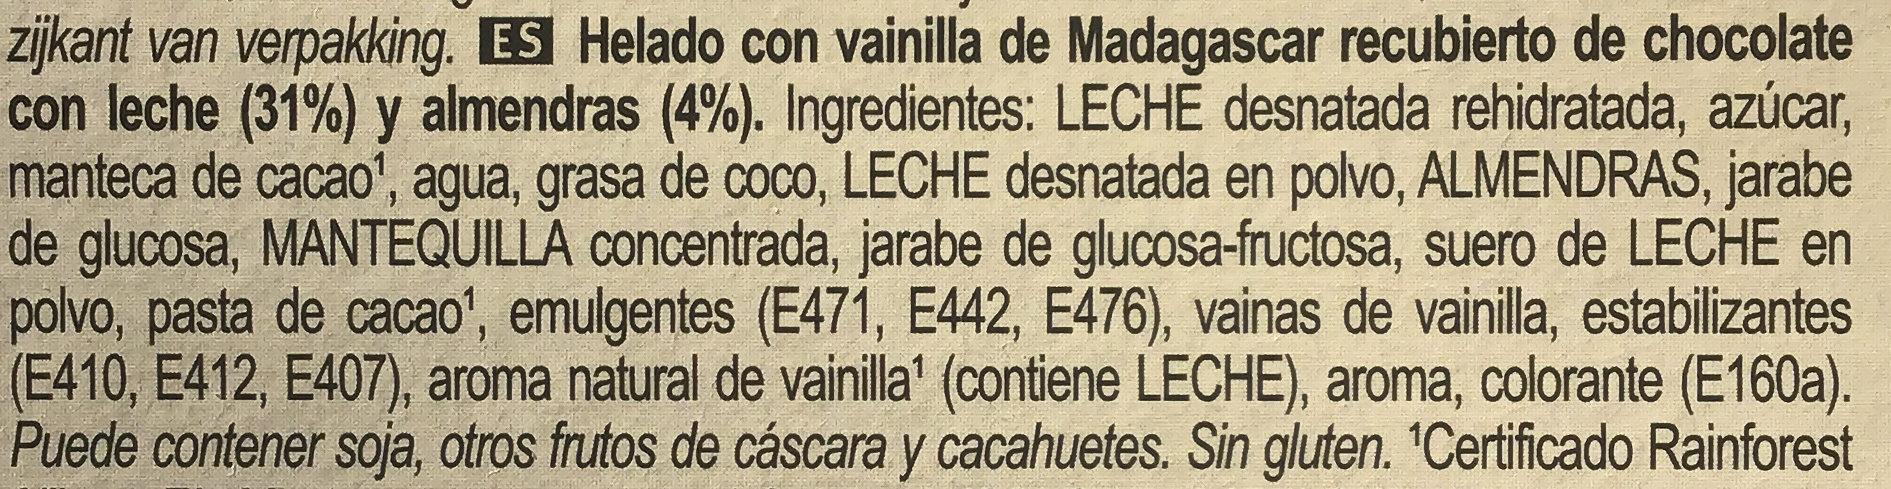 Mini amande - Ingredientes